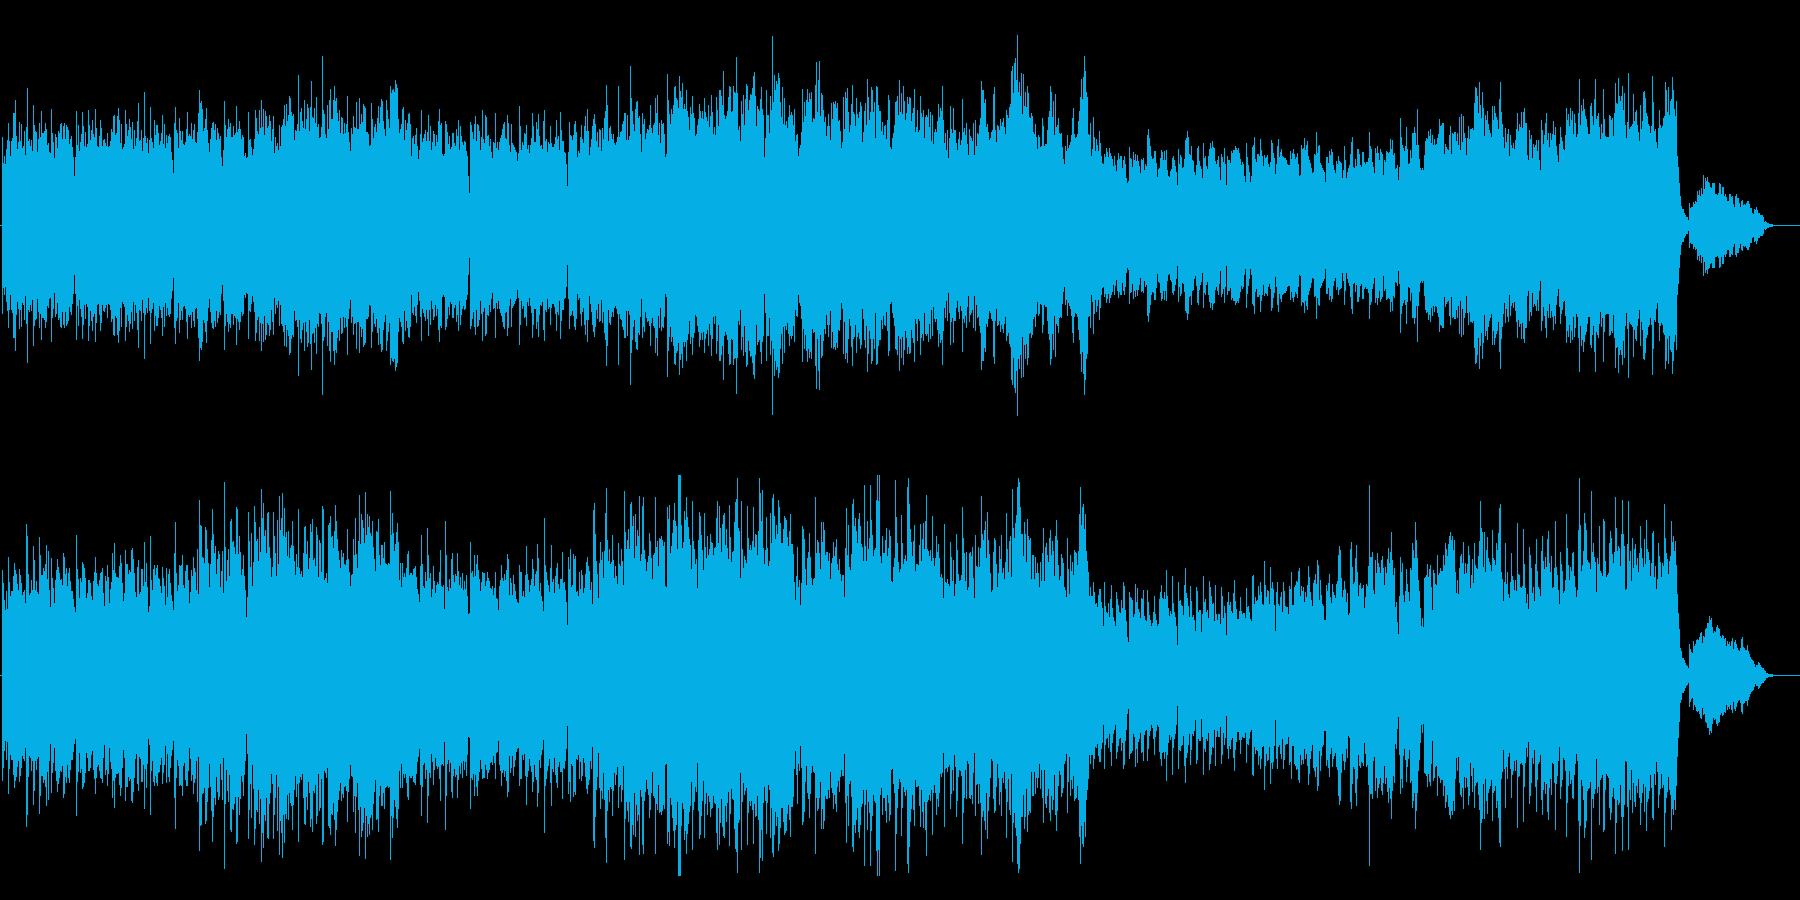 爽やかでドラマチックなケルト風楽曲の再生済みの波形